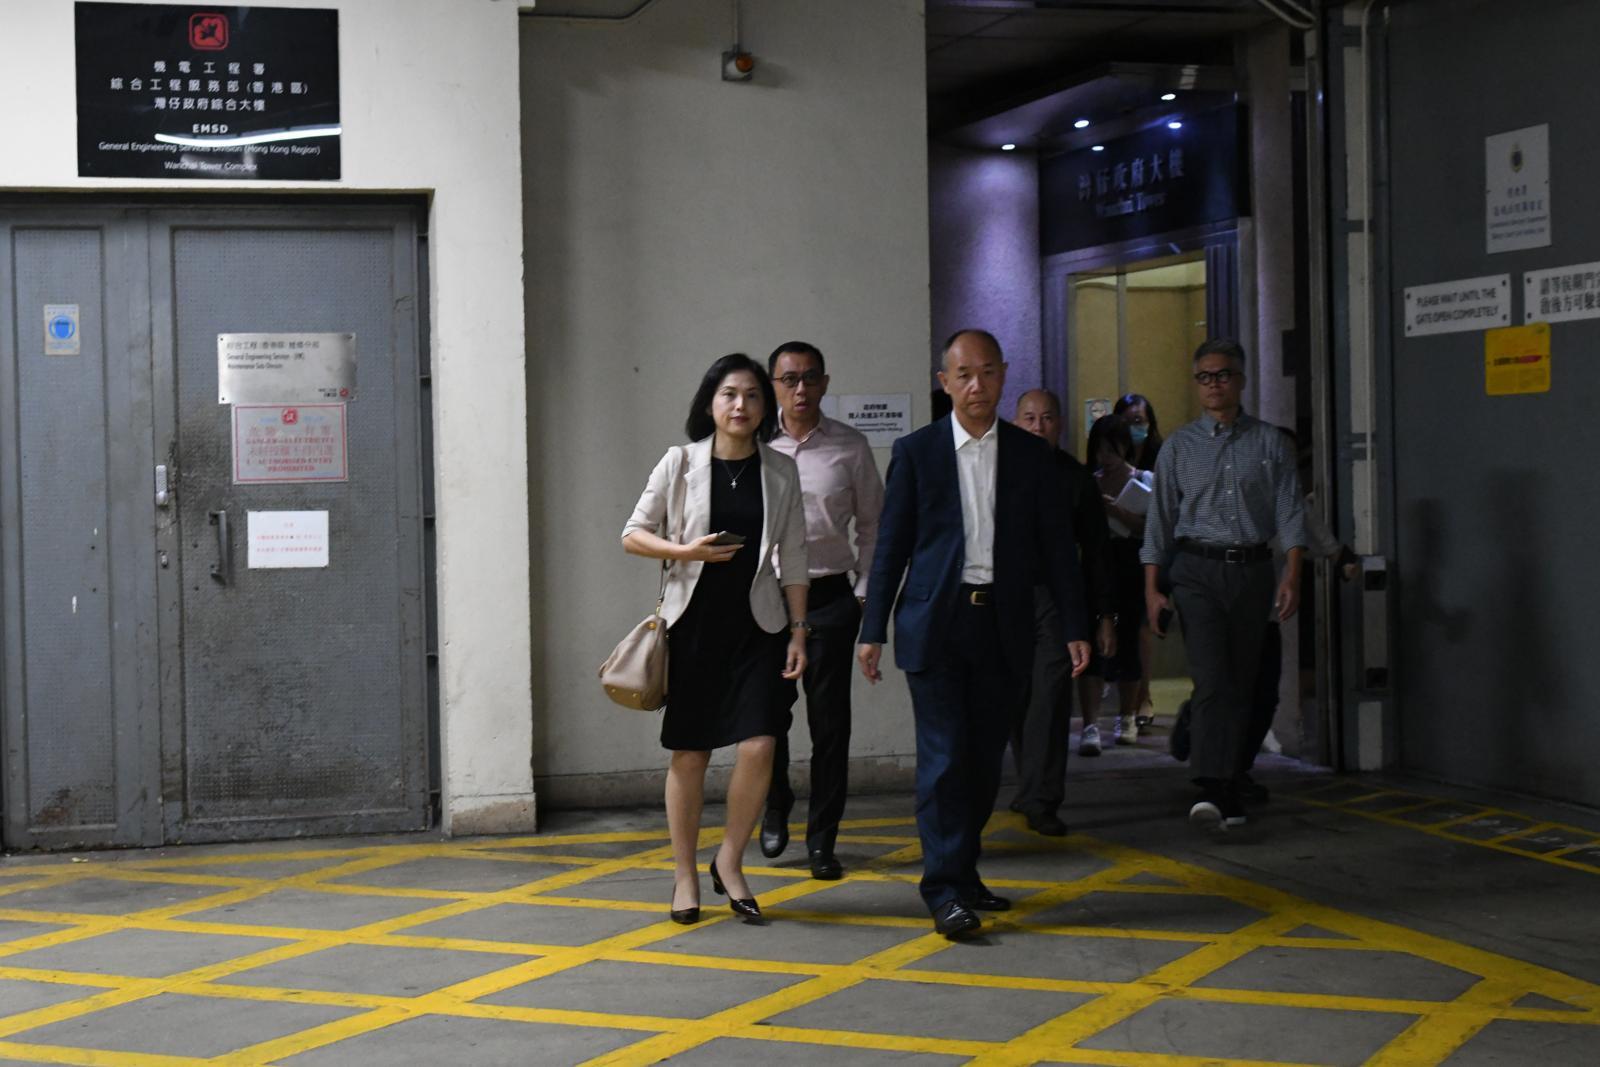 馮永業妻子馮程淑儀離開法庭時沒有回應記者提問。